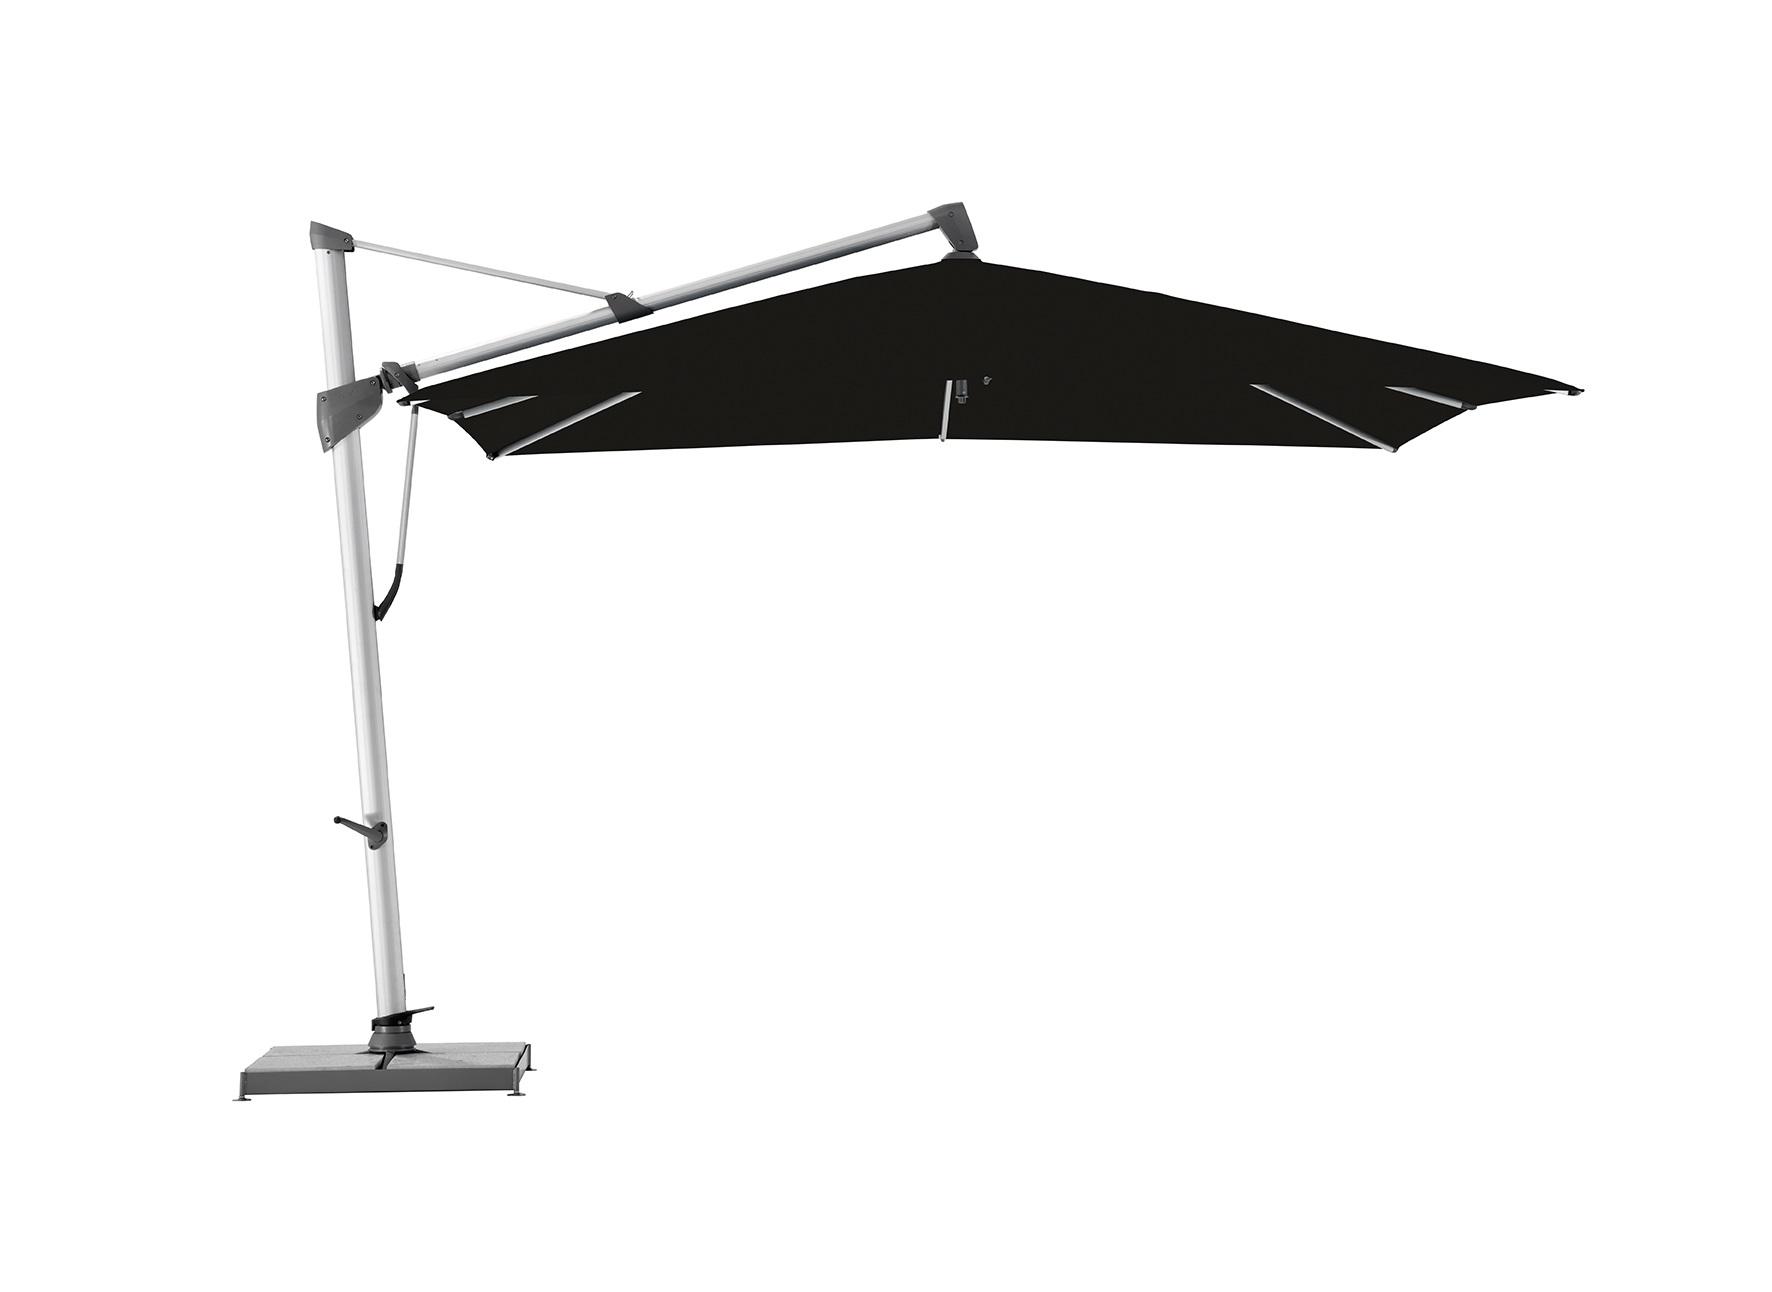 Уличный зонт Sombrano S+Тенты и зонты<br>Квадратный зонт с боковой опорой, каркас из анодированного алюминия. Вращается вокруг своей оси. Регулируется угол наклона купола.&amp;amp;nbsp;&amp;lt;div&amp;gt;&amp;lt;br&amp;gt;&amp;lt;/div&amp;gt;&amp;lt;div&amp;gt;Плотность ткани 250 g/m2.&amp;amp;nbsp;&amp;lt;/div&amp;gt;&amp;lt;div&amp;gt;Максимальная ветровая нагрузка 45км/ч.&amp;amp;nbsp;&amp;lt;/div&amp;gt;&amp;lt;div&amp;gt;В комплект входит:  база 180кг,декоративная крышка для базы, защитный чехол.&amp;amp;nbsp;&amp;lt;/div&amp;gt;<br><br>Material: Алюминий<br>Ширина см: 300<br>Высота см: 300<br>Глубина см: 300